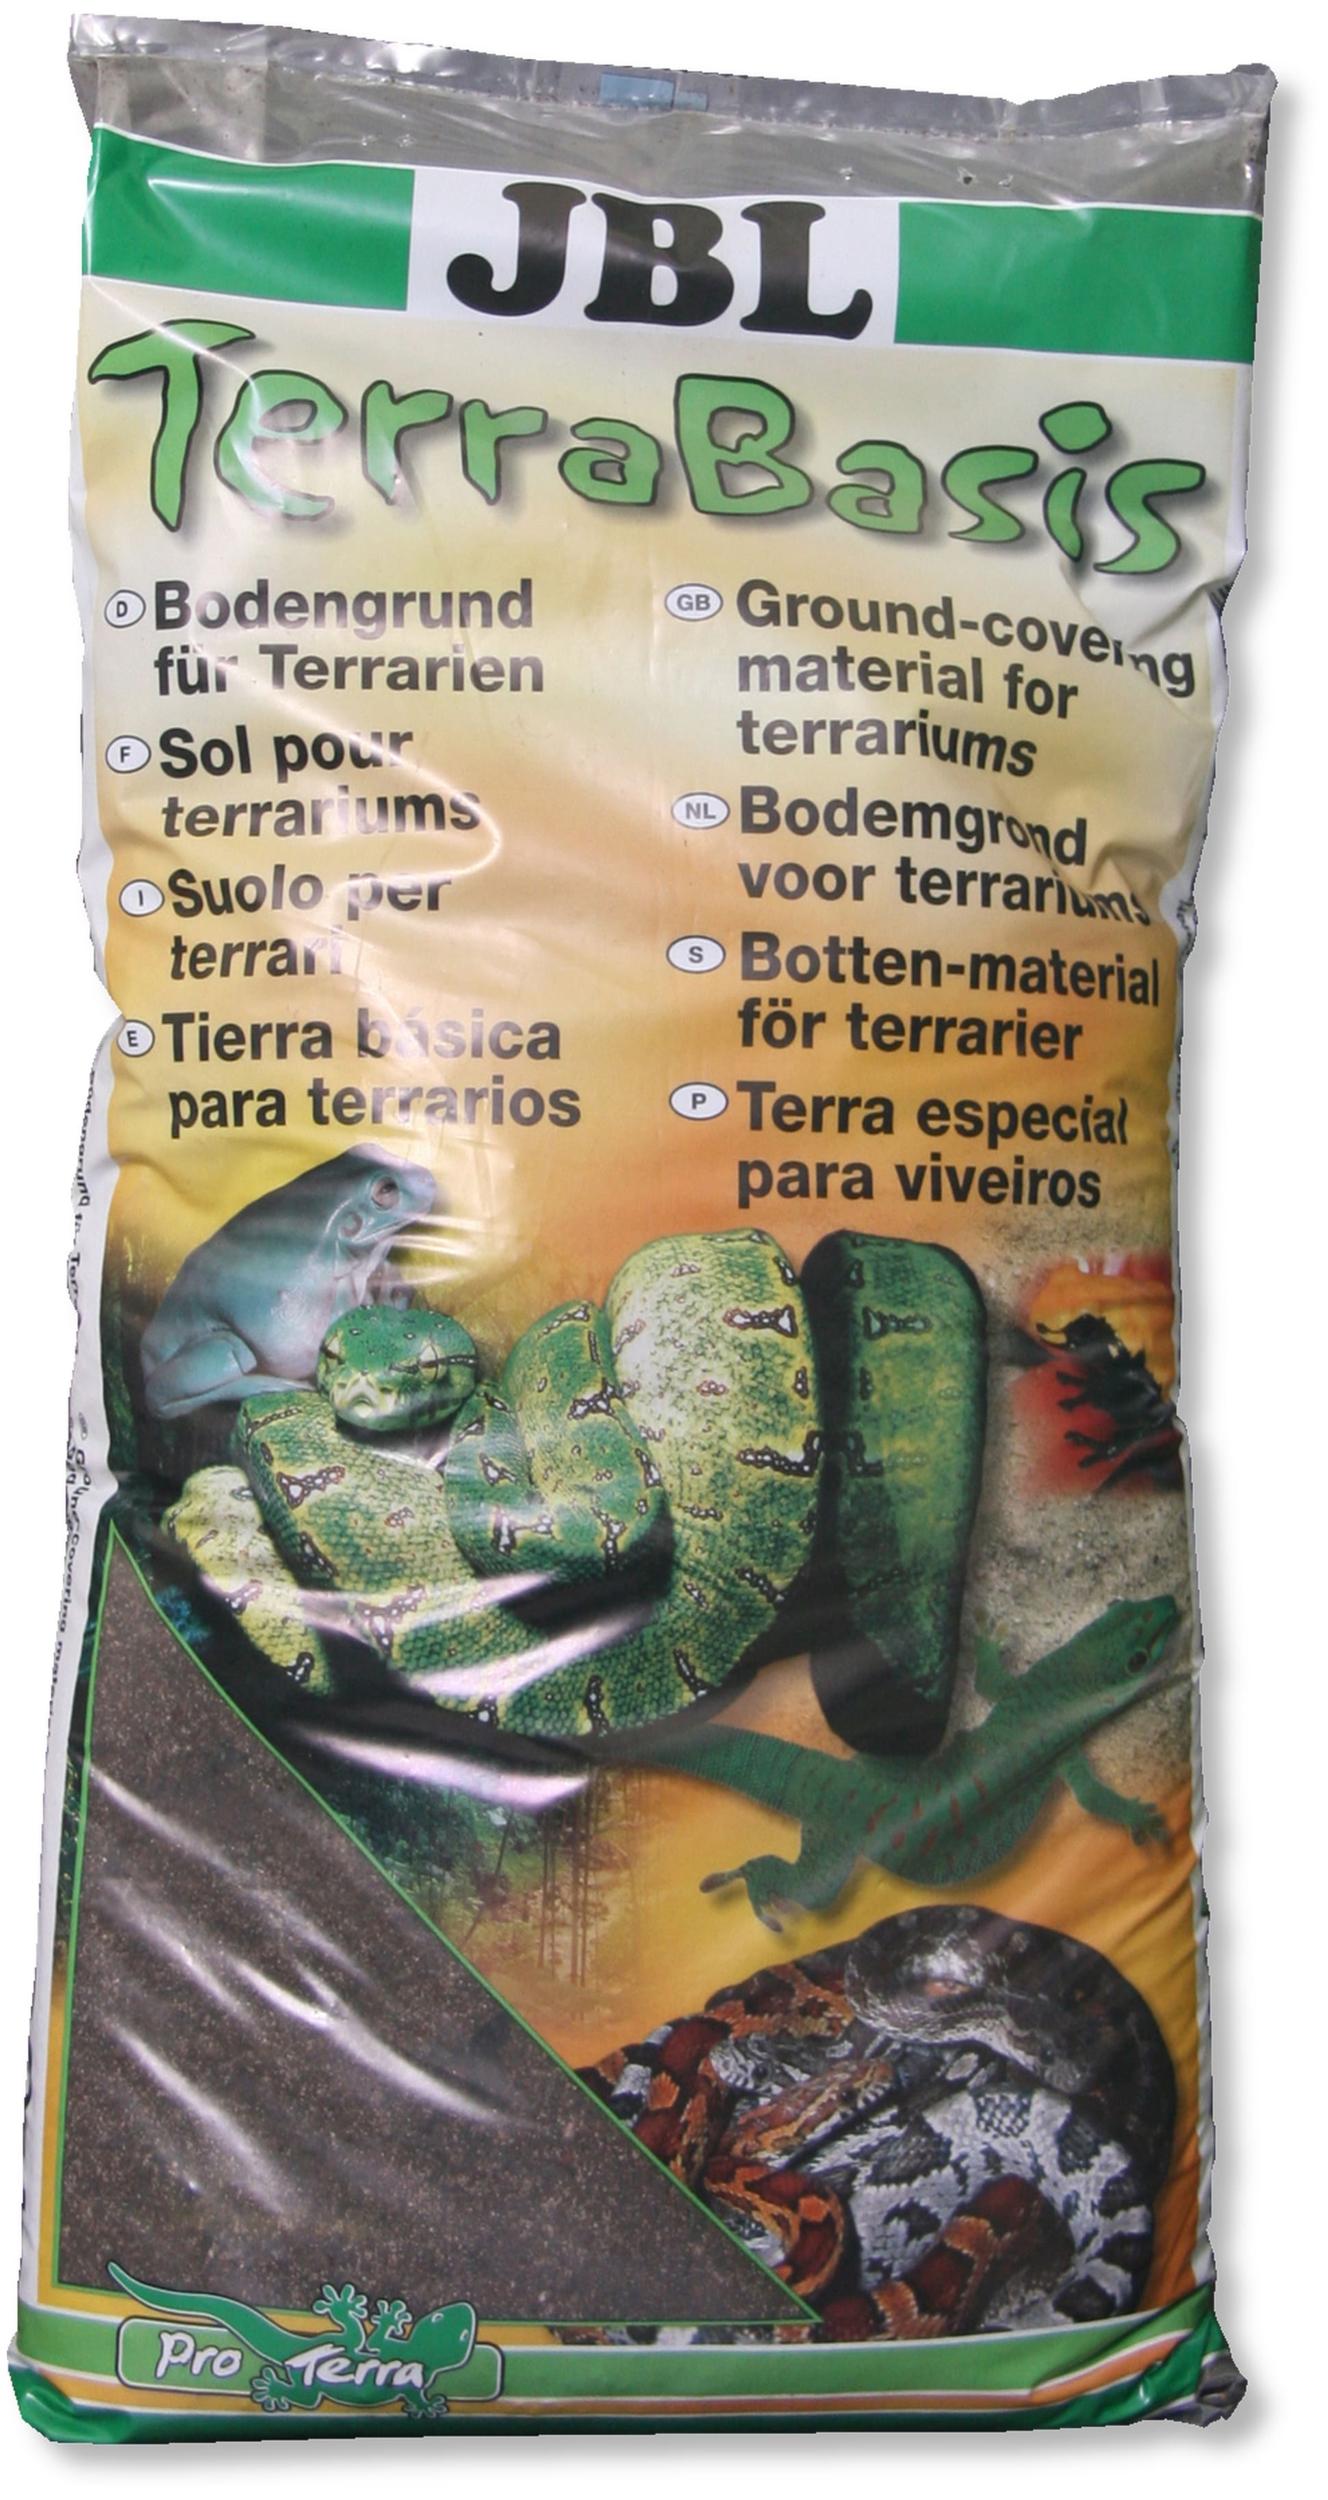 jbl-terrabasis-20-l-substrat-pour-terrariums-humides-et-semi-humides-min